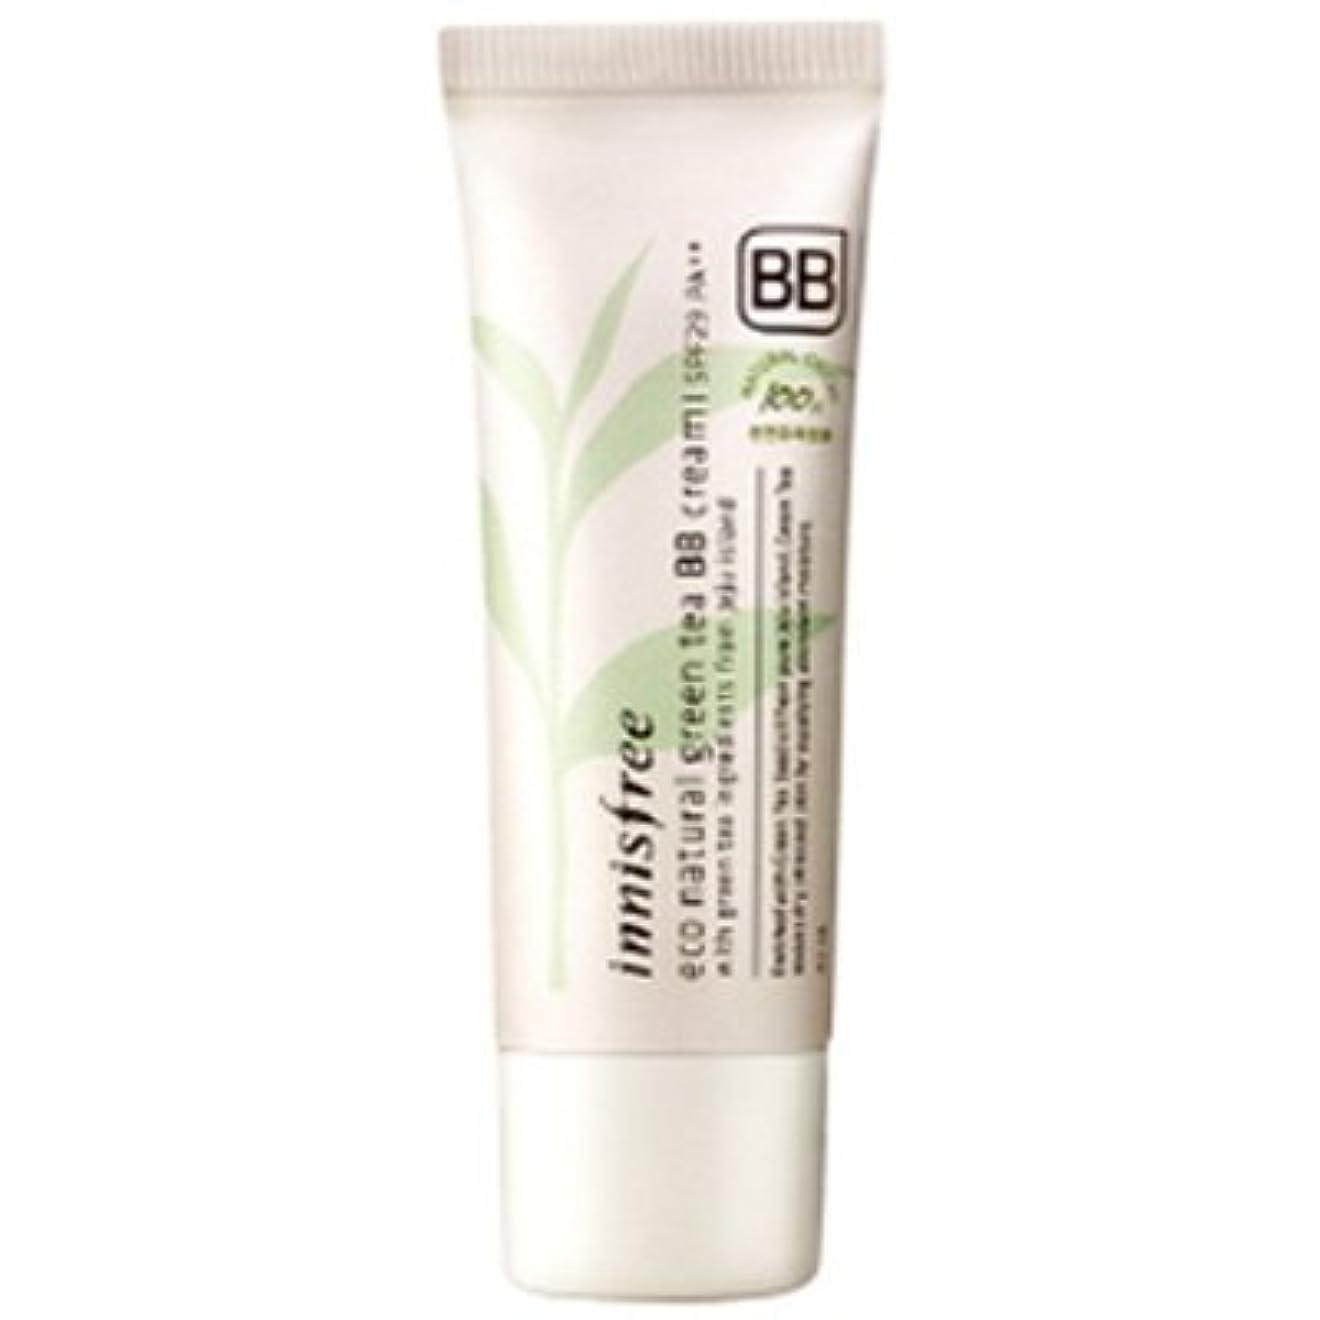 不快な繁栄するエイズinnisfree(イニスフリー) Eco natural green tea BB cream エコ ナチュラル グリーン ティー BB クリーム SPF29/PA++ 40ml #1:ライトベージュ